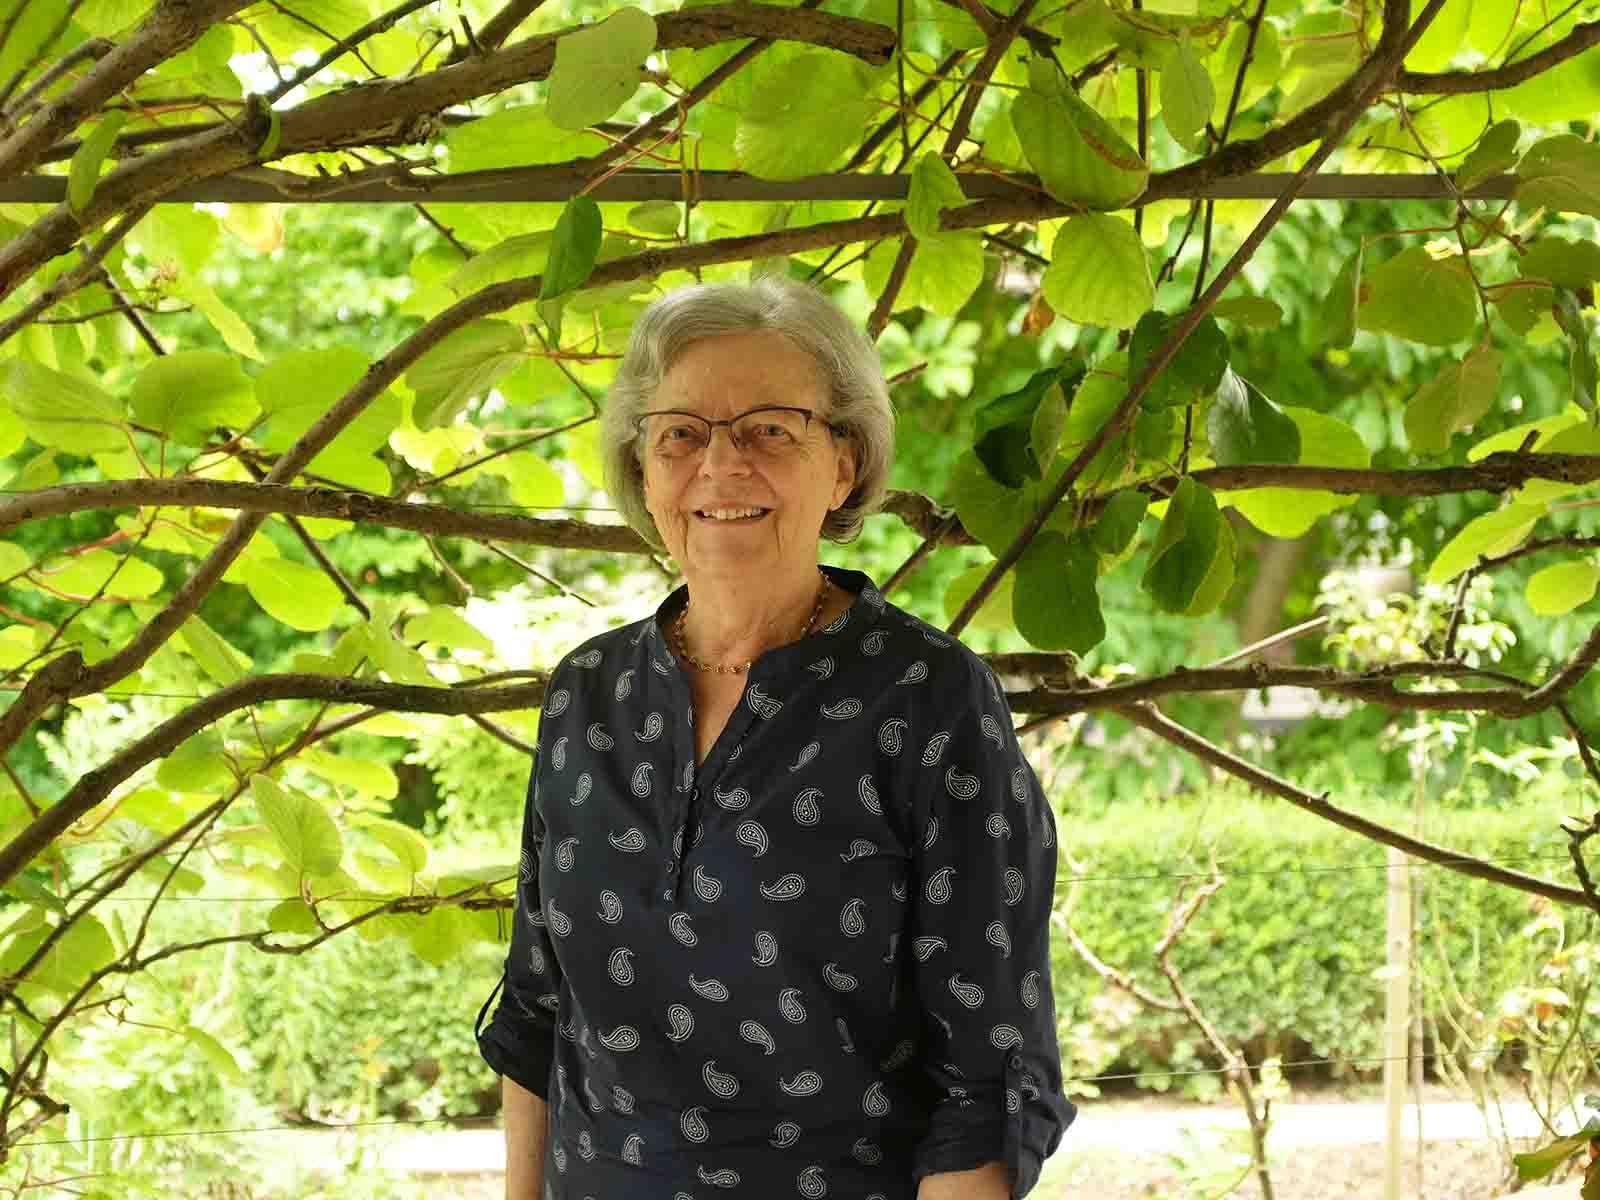 Trudi Hintermann im Garten ihres Hauses, in dem sie seit 1968 lebt.